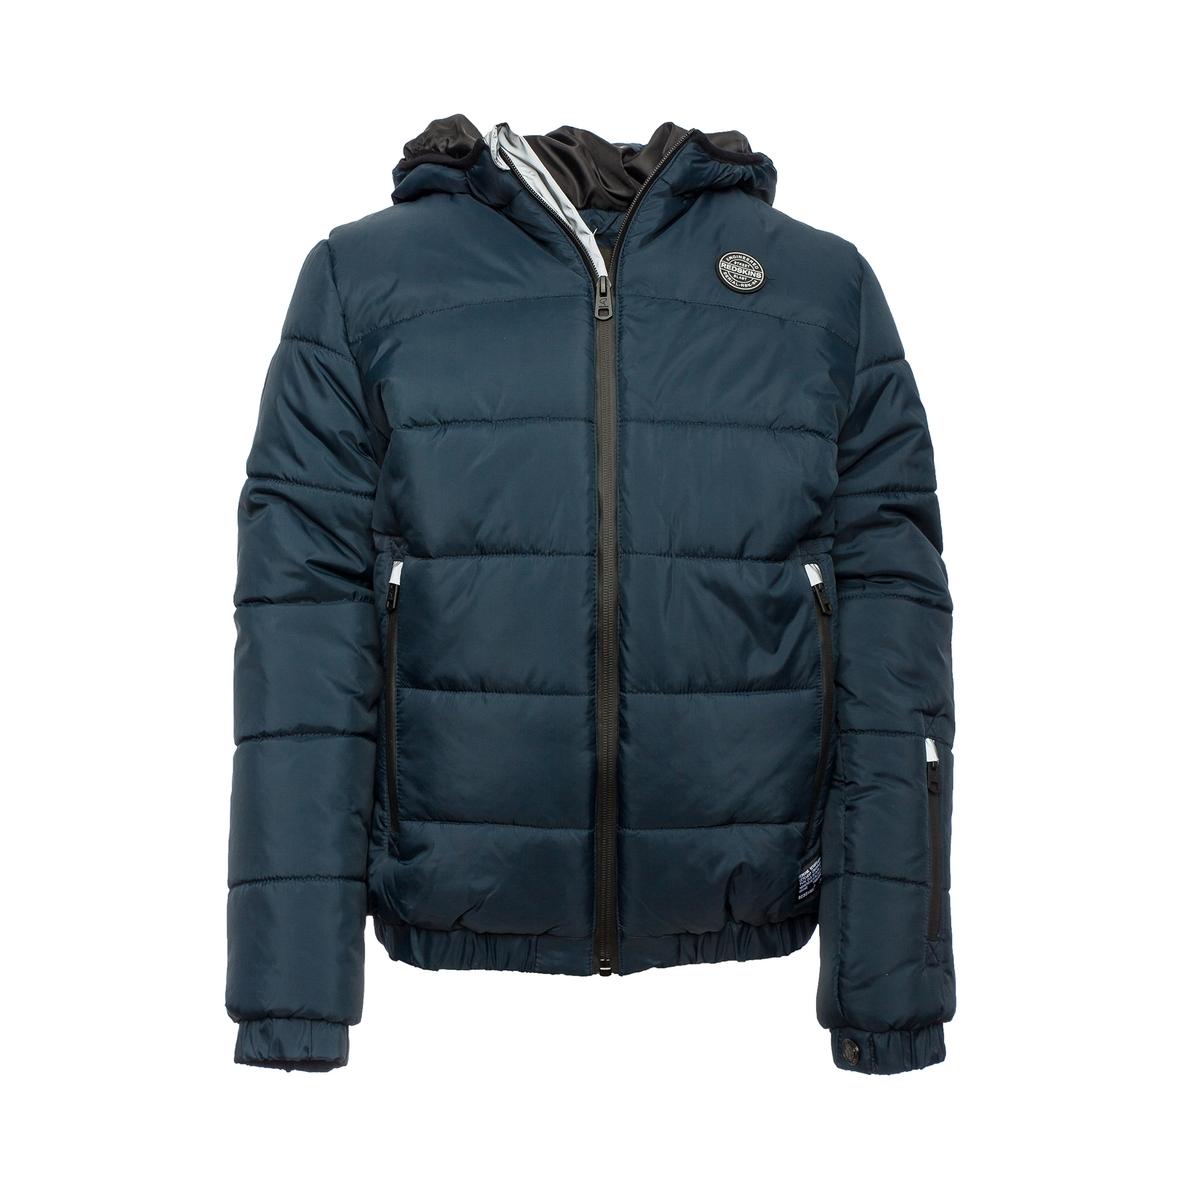 Куртка стеганая с капюшоном, 10-16 лет